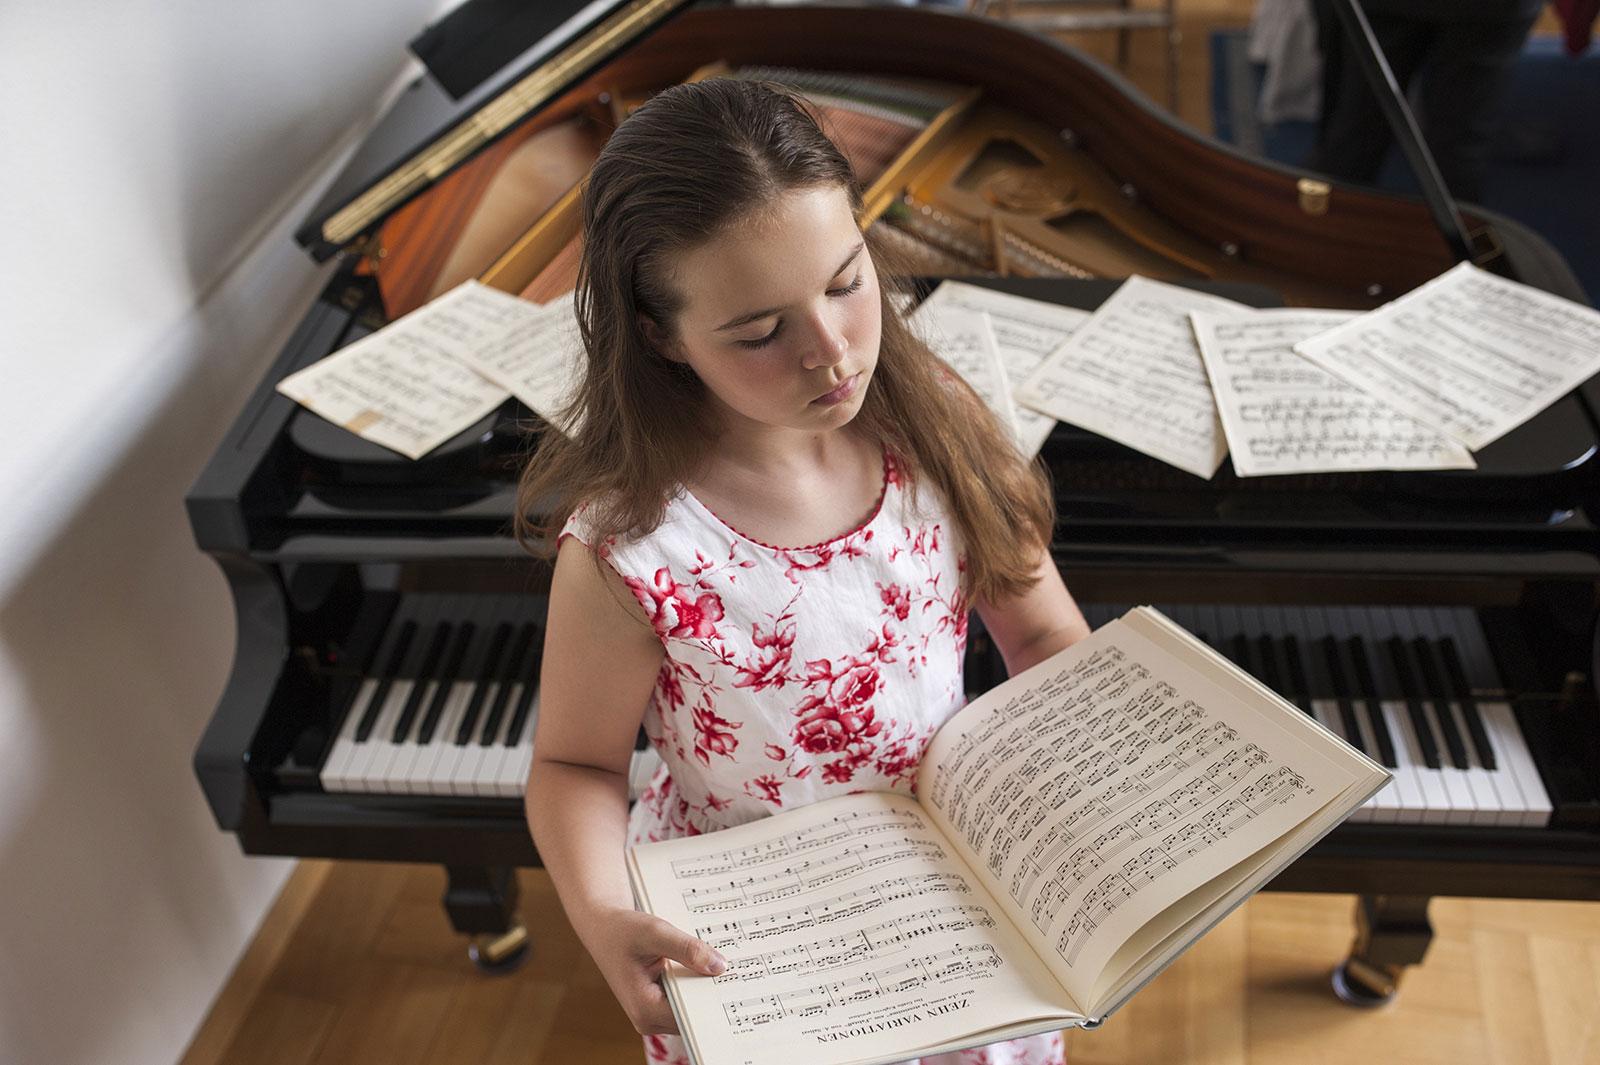 Klavierschule Zürich, Klavierunterricht Zürich